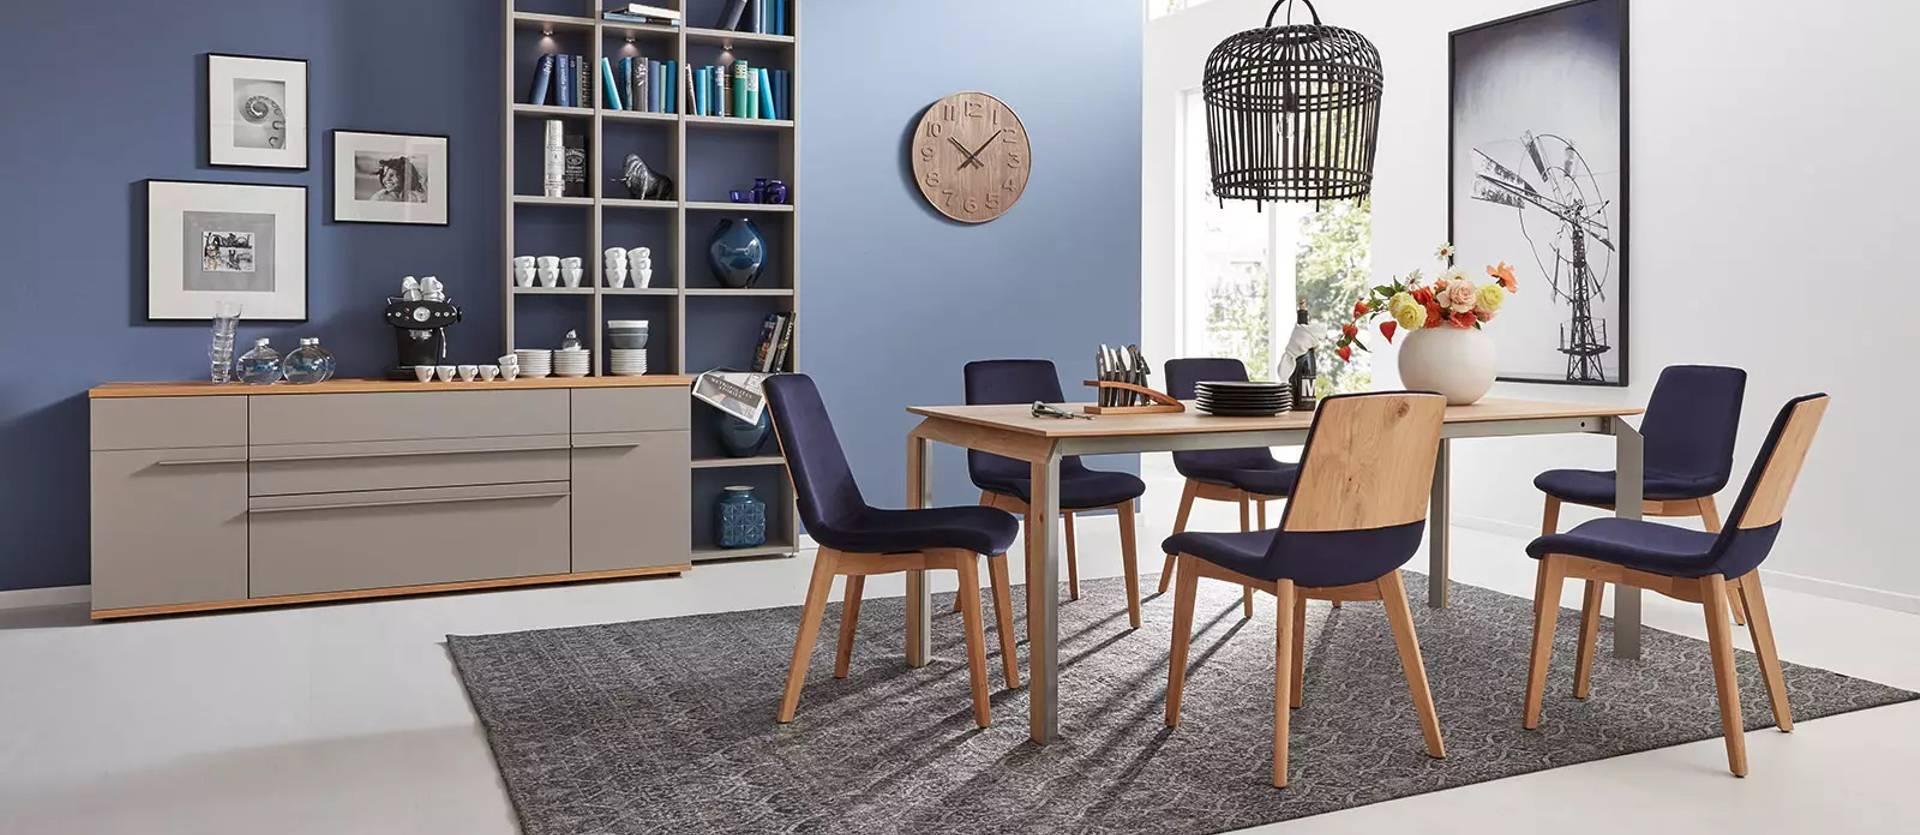 jídelní kout, nábytek - stoly, židle